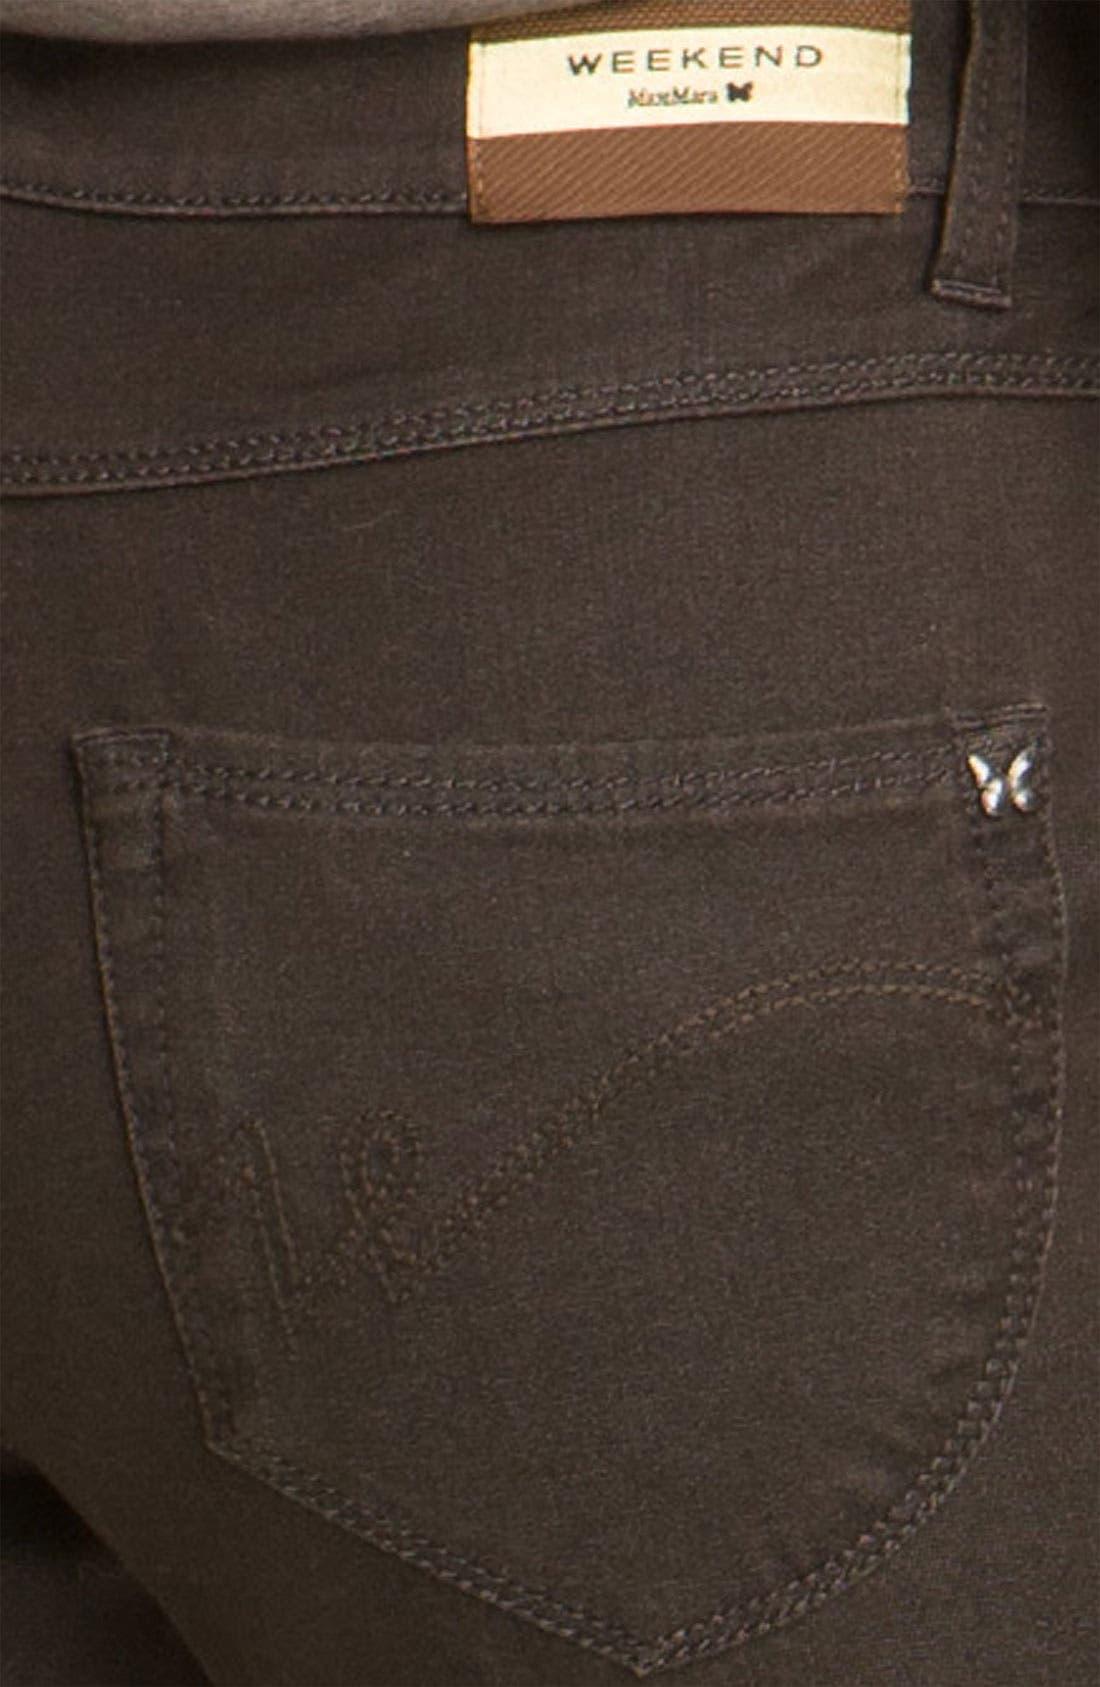 Alternate Image 3  - Weekend Max Mara 'Jolly' Jeans